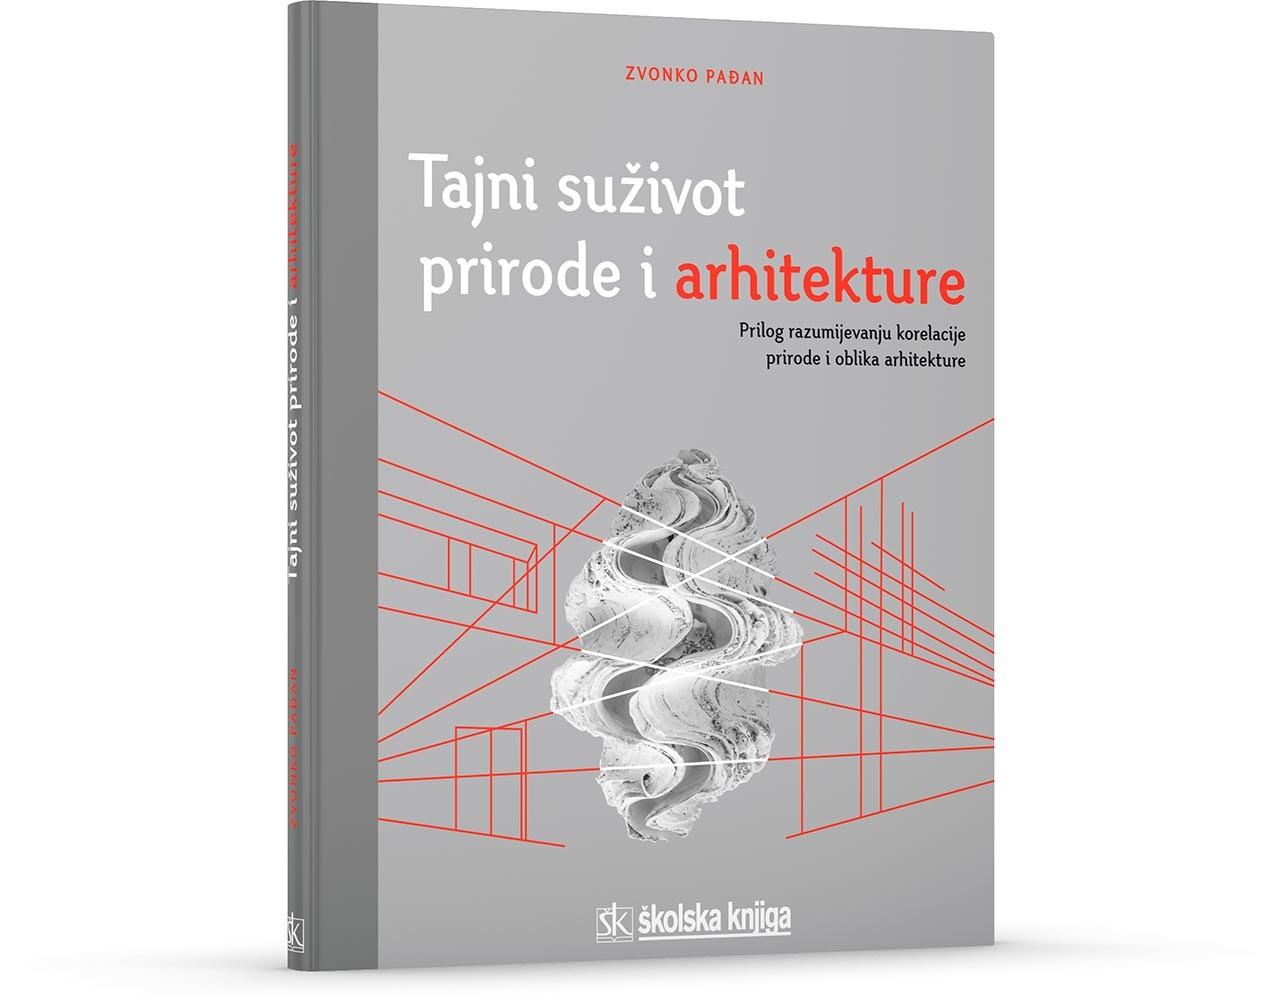 Tajni suživot prirode i arhitekture - Prilog razumijevanju korelacije prirode i oblika arhitekture